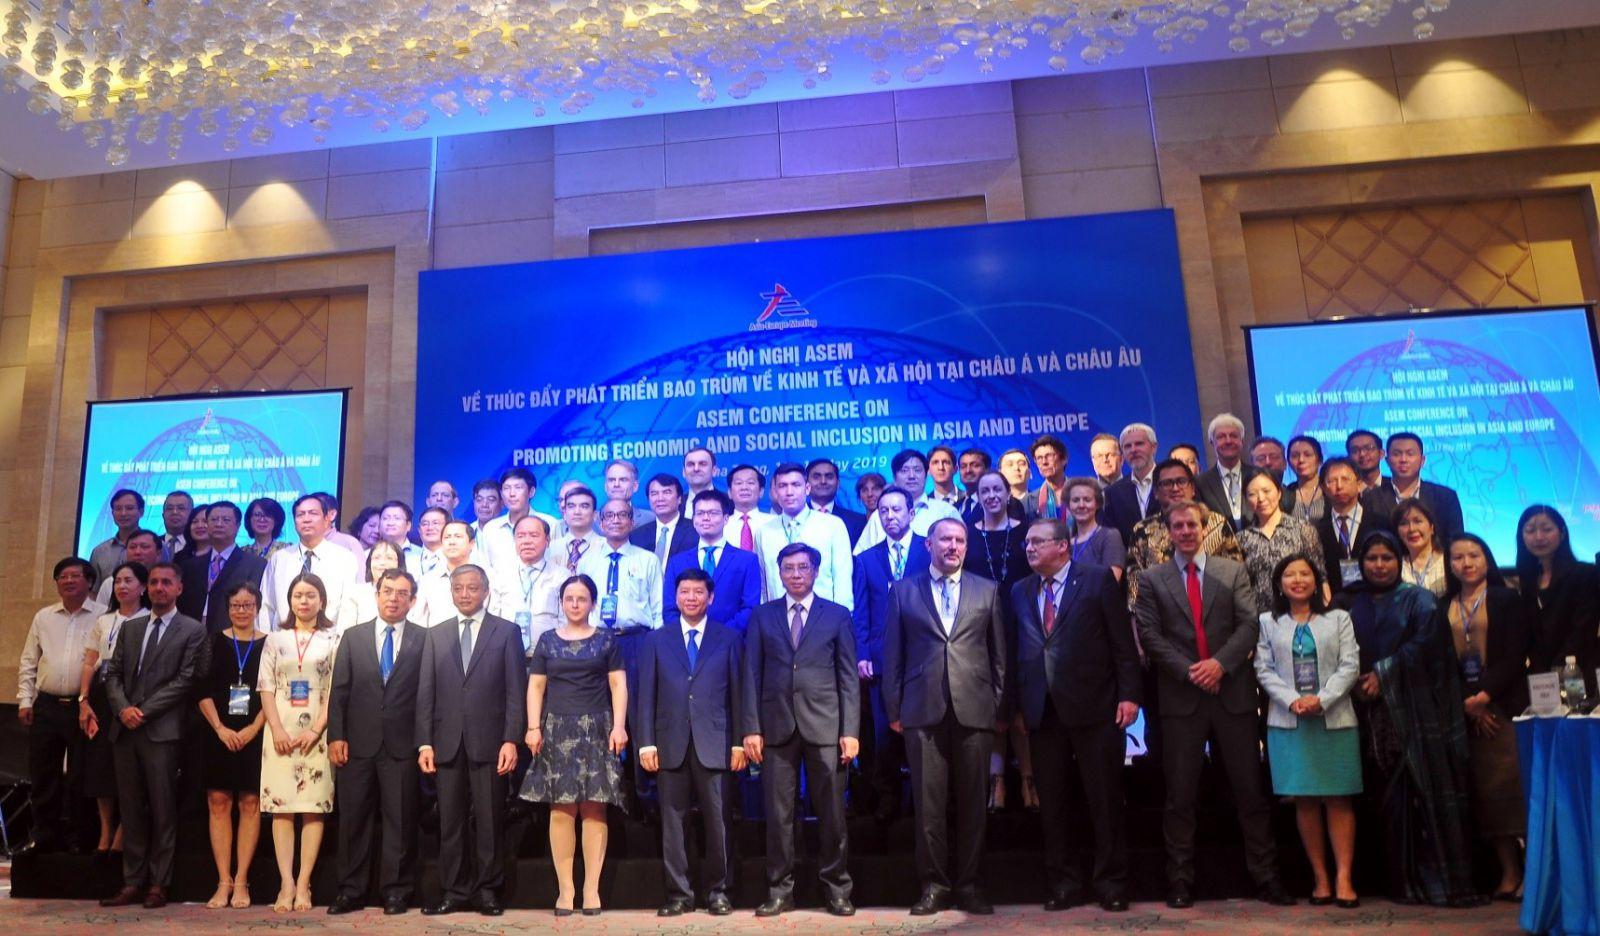 Các đại biểu dự Hội nghị ASEM chụp ảnh lưu niệm